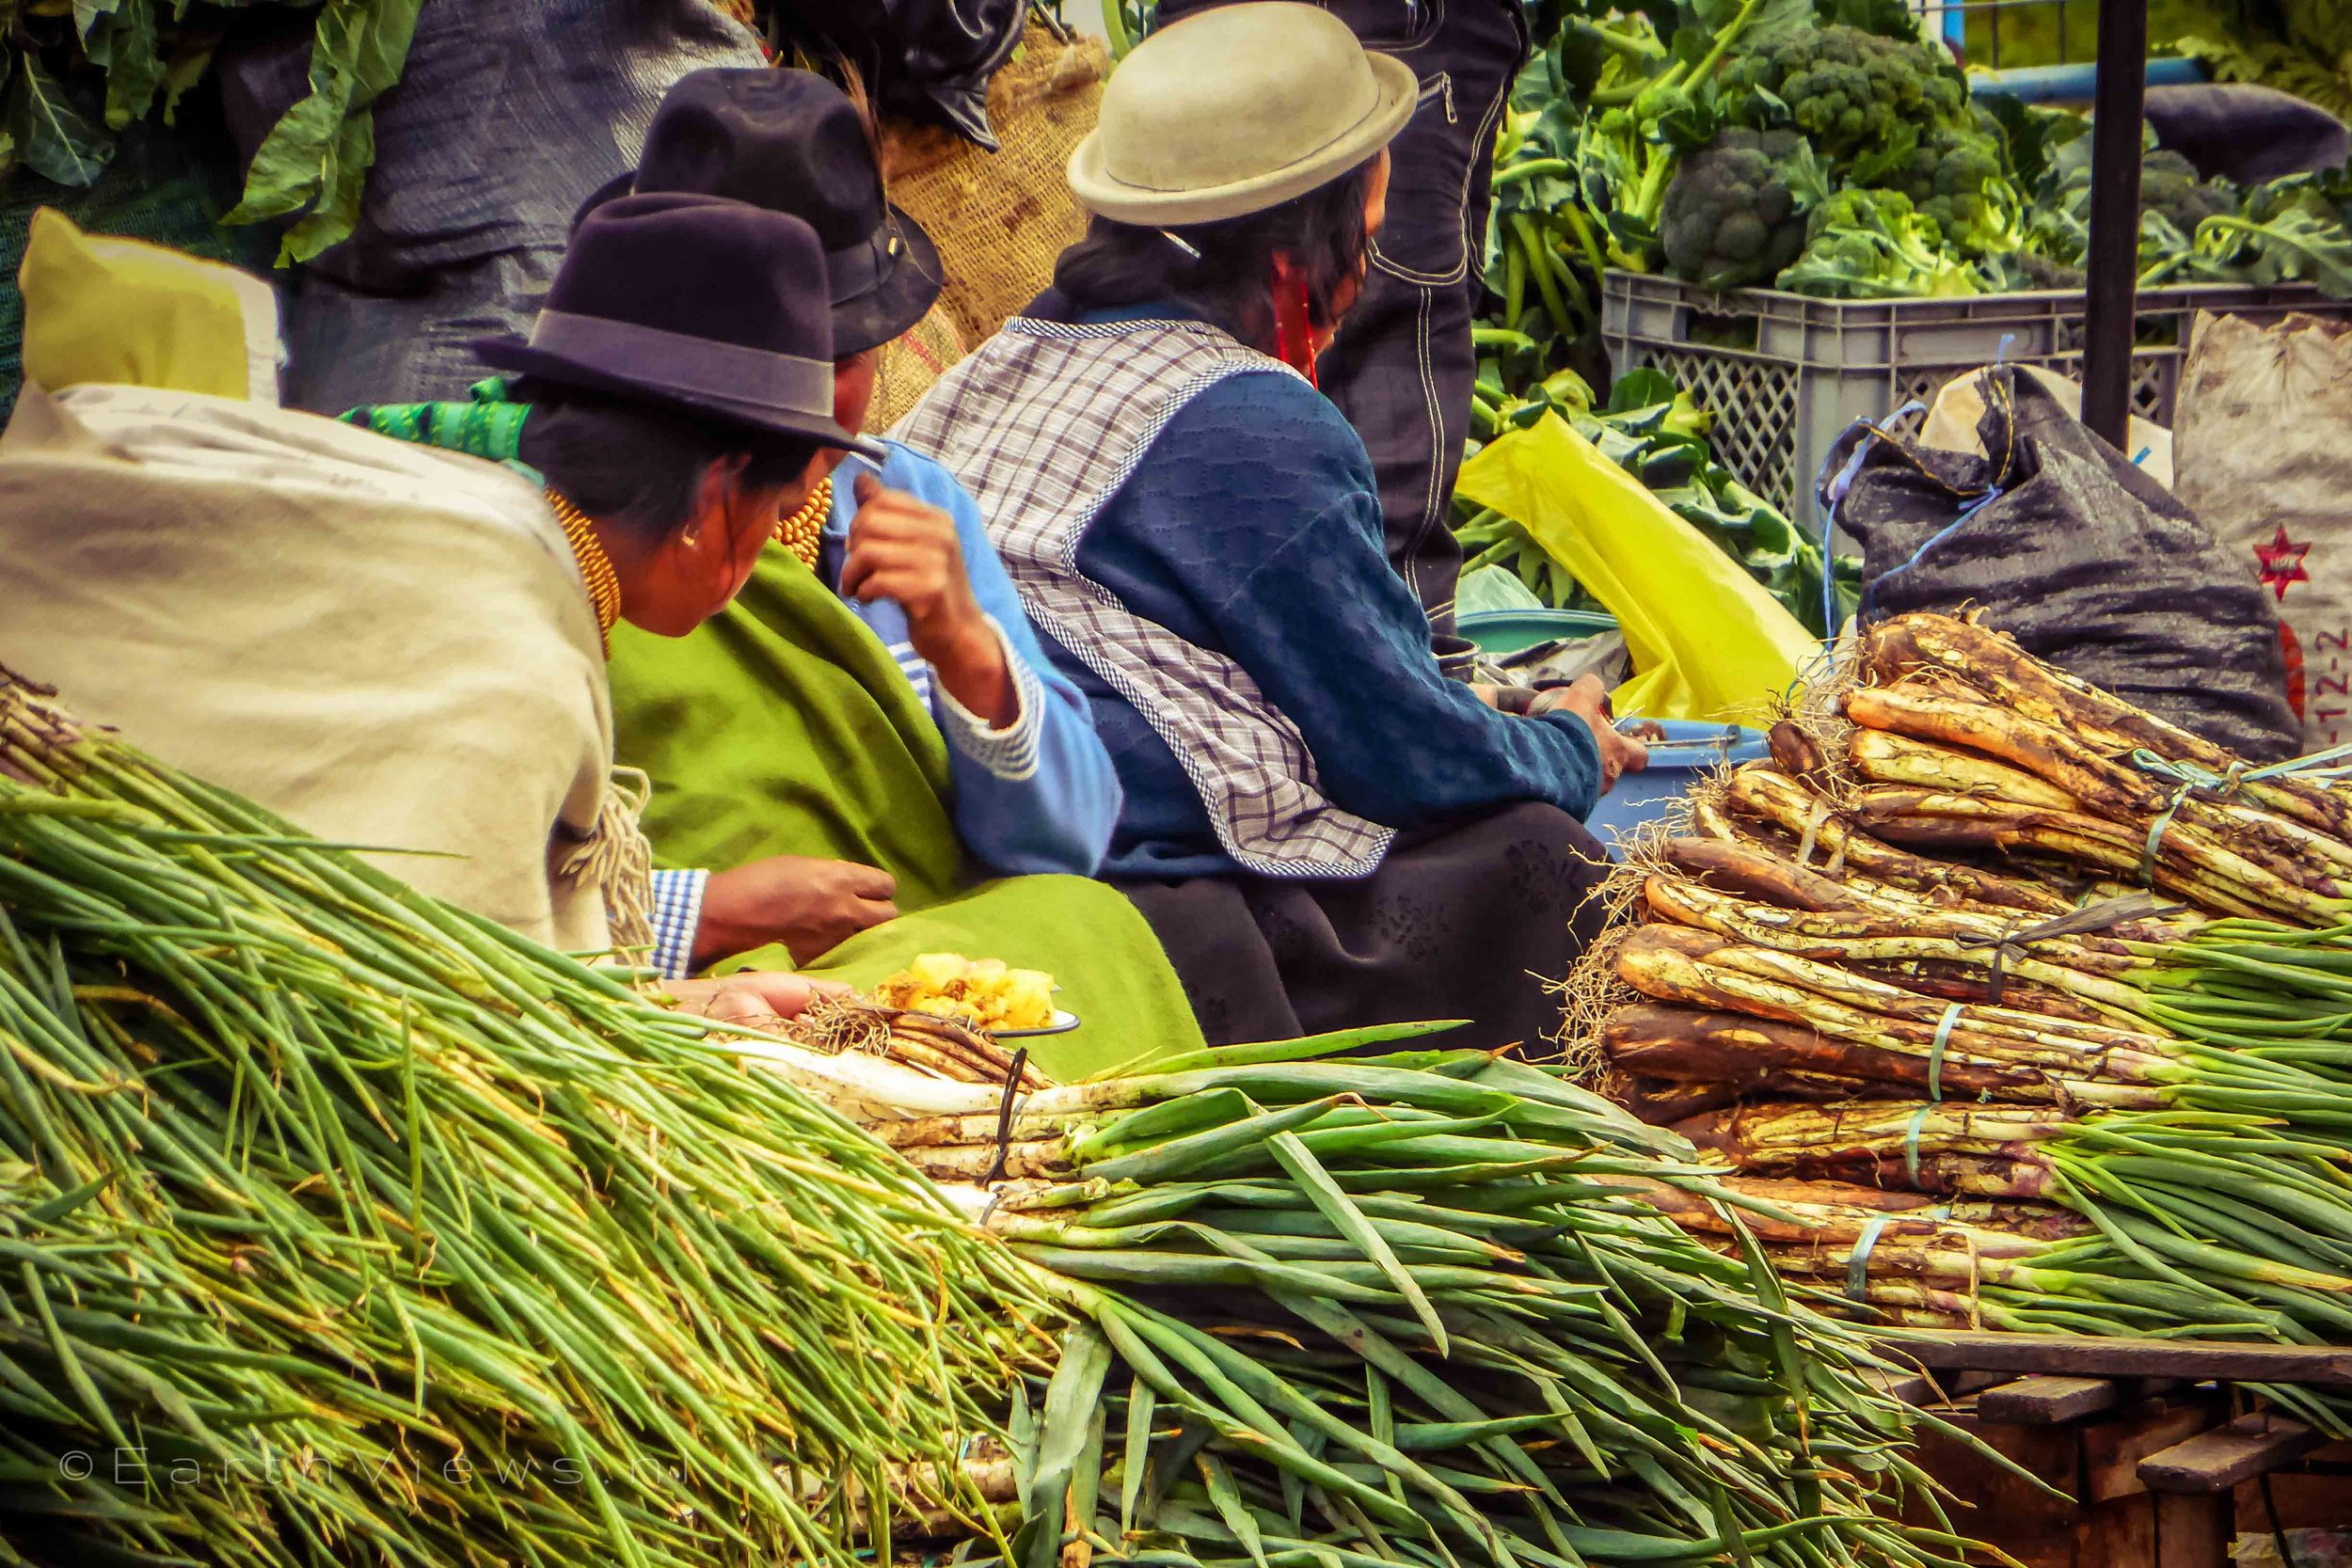 Otavaleñas on the market selling vegetables.